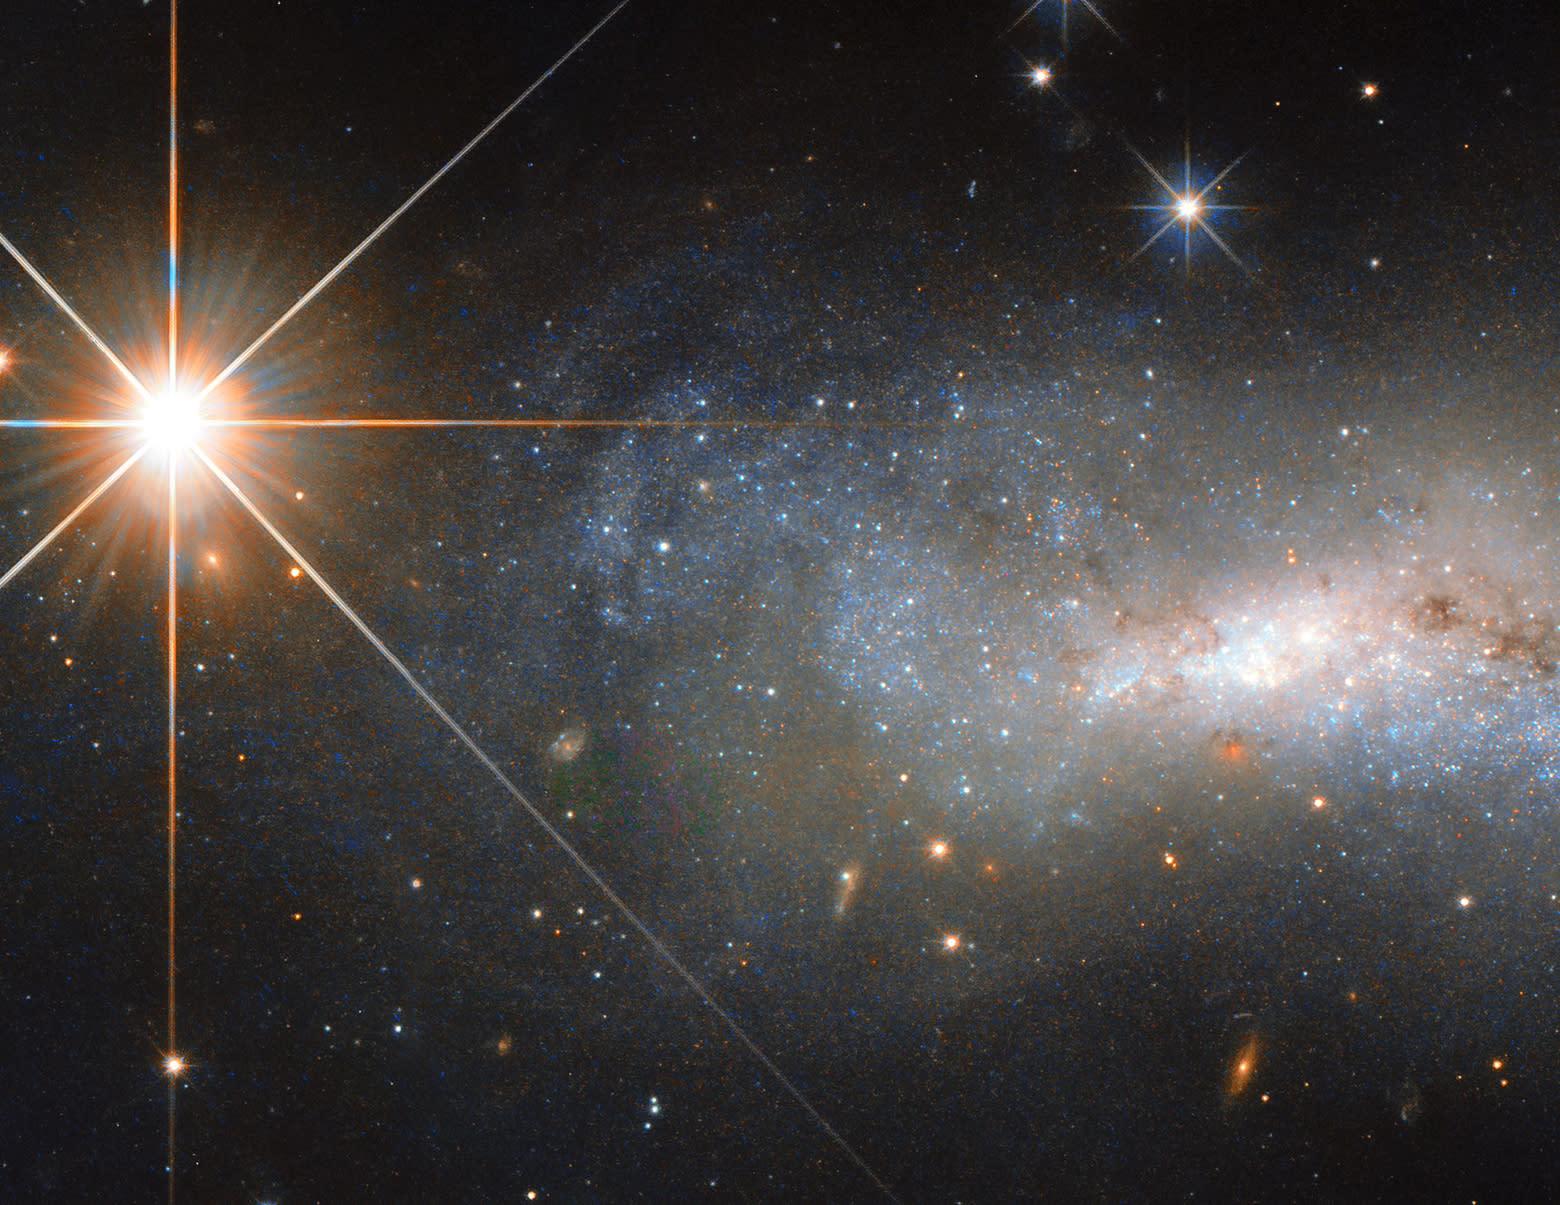 альфа центавра звезда фото хаббла все